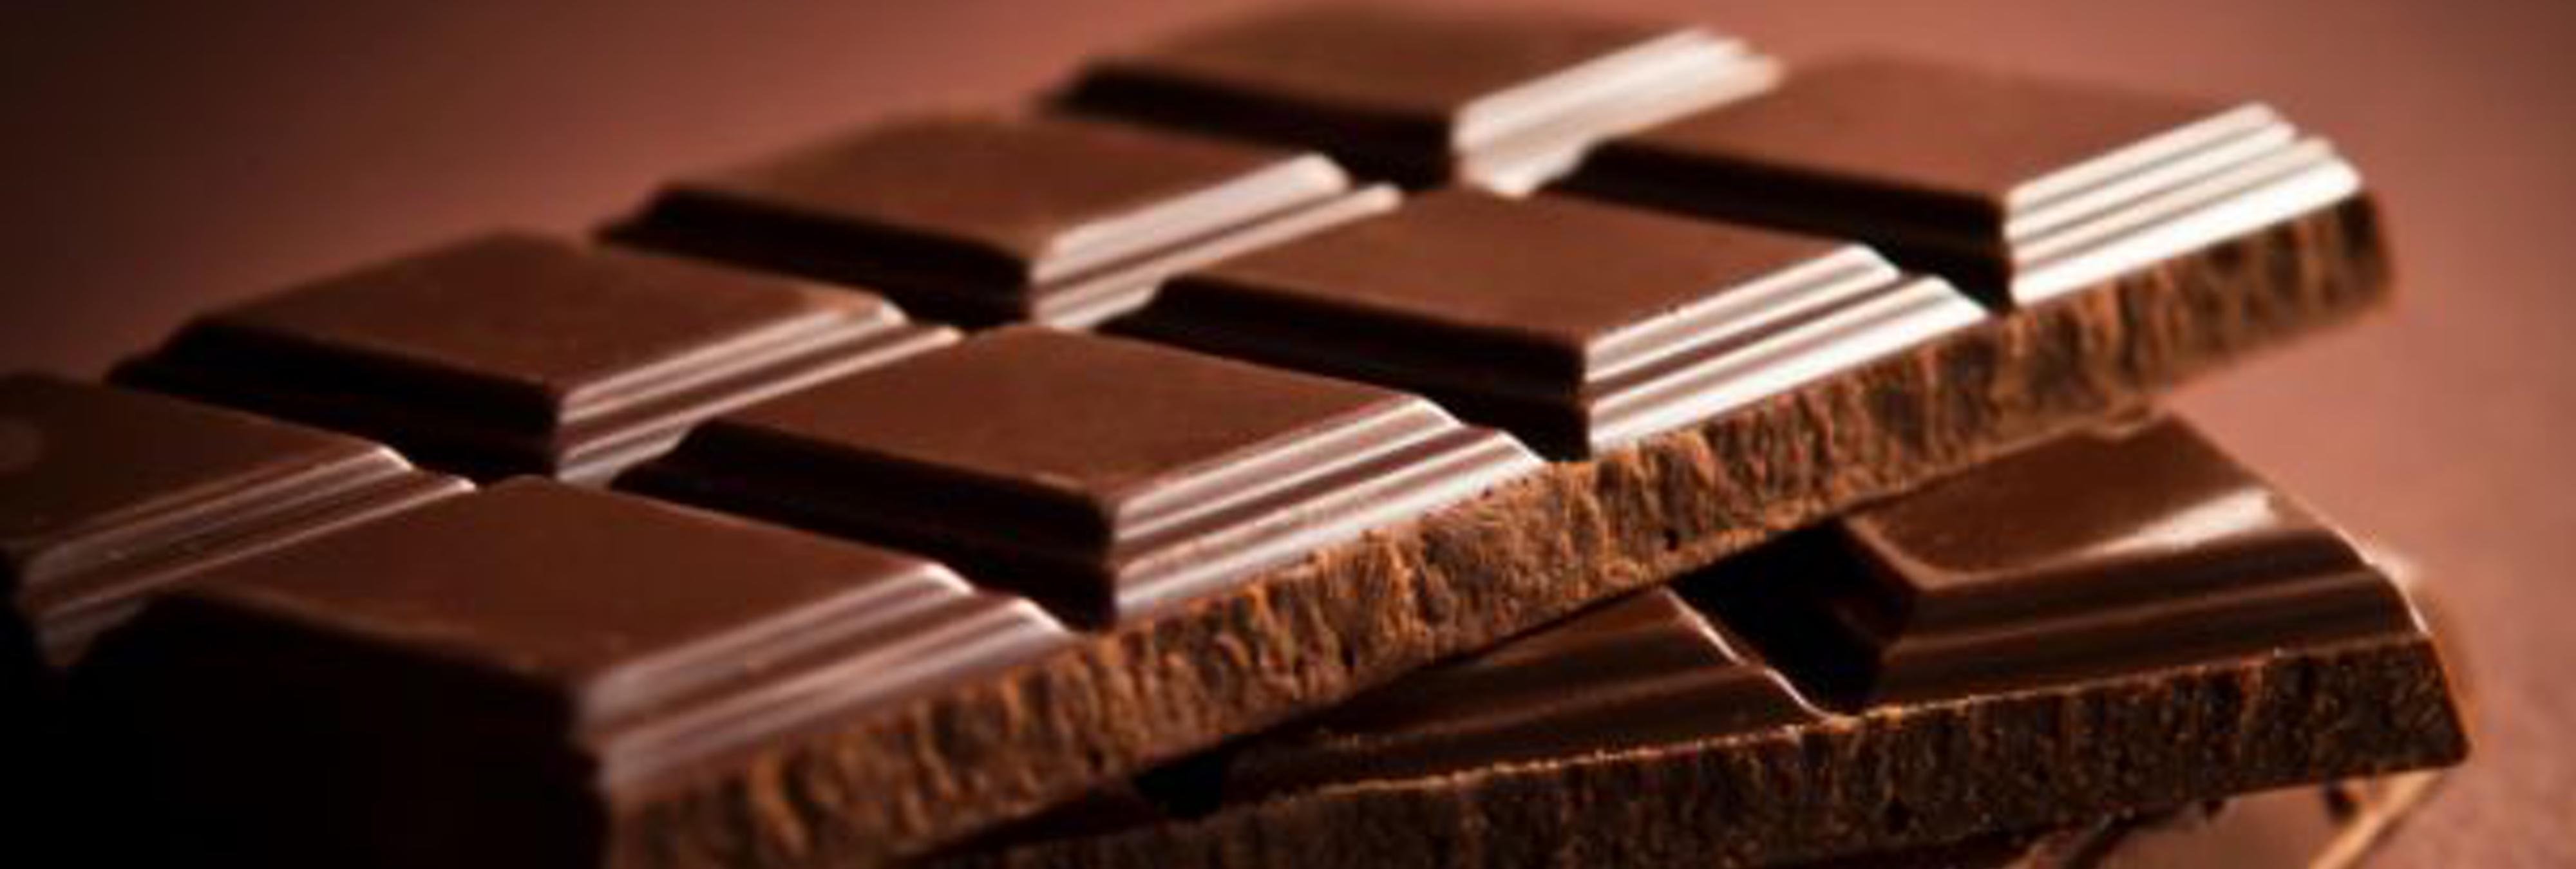 Resultado de imagen de chocolate